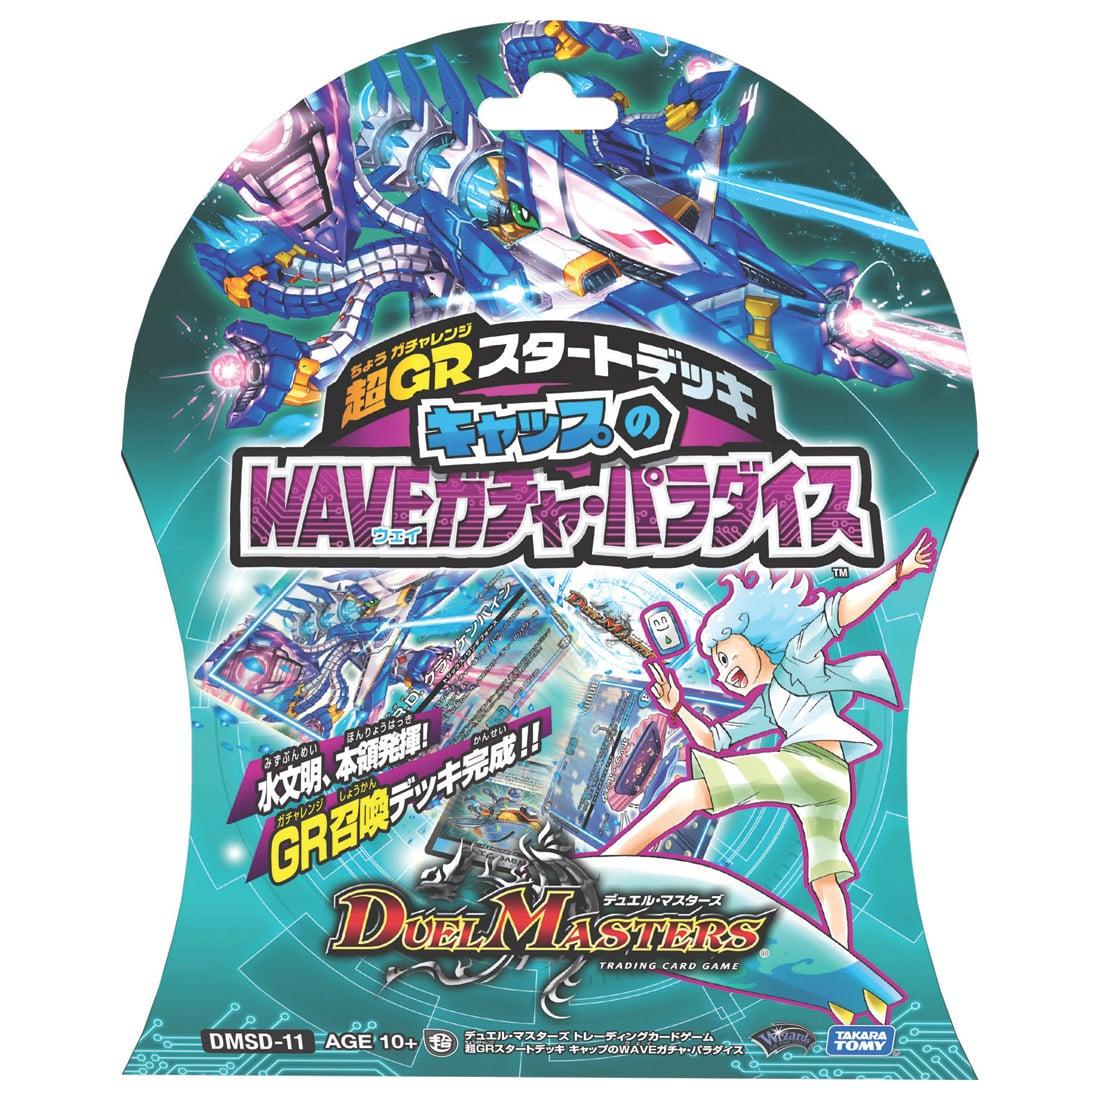 ファミリートイ・ゲーム, カードゲーム  DMSD-11GR WAVE